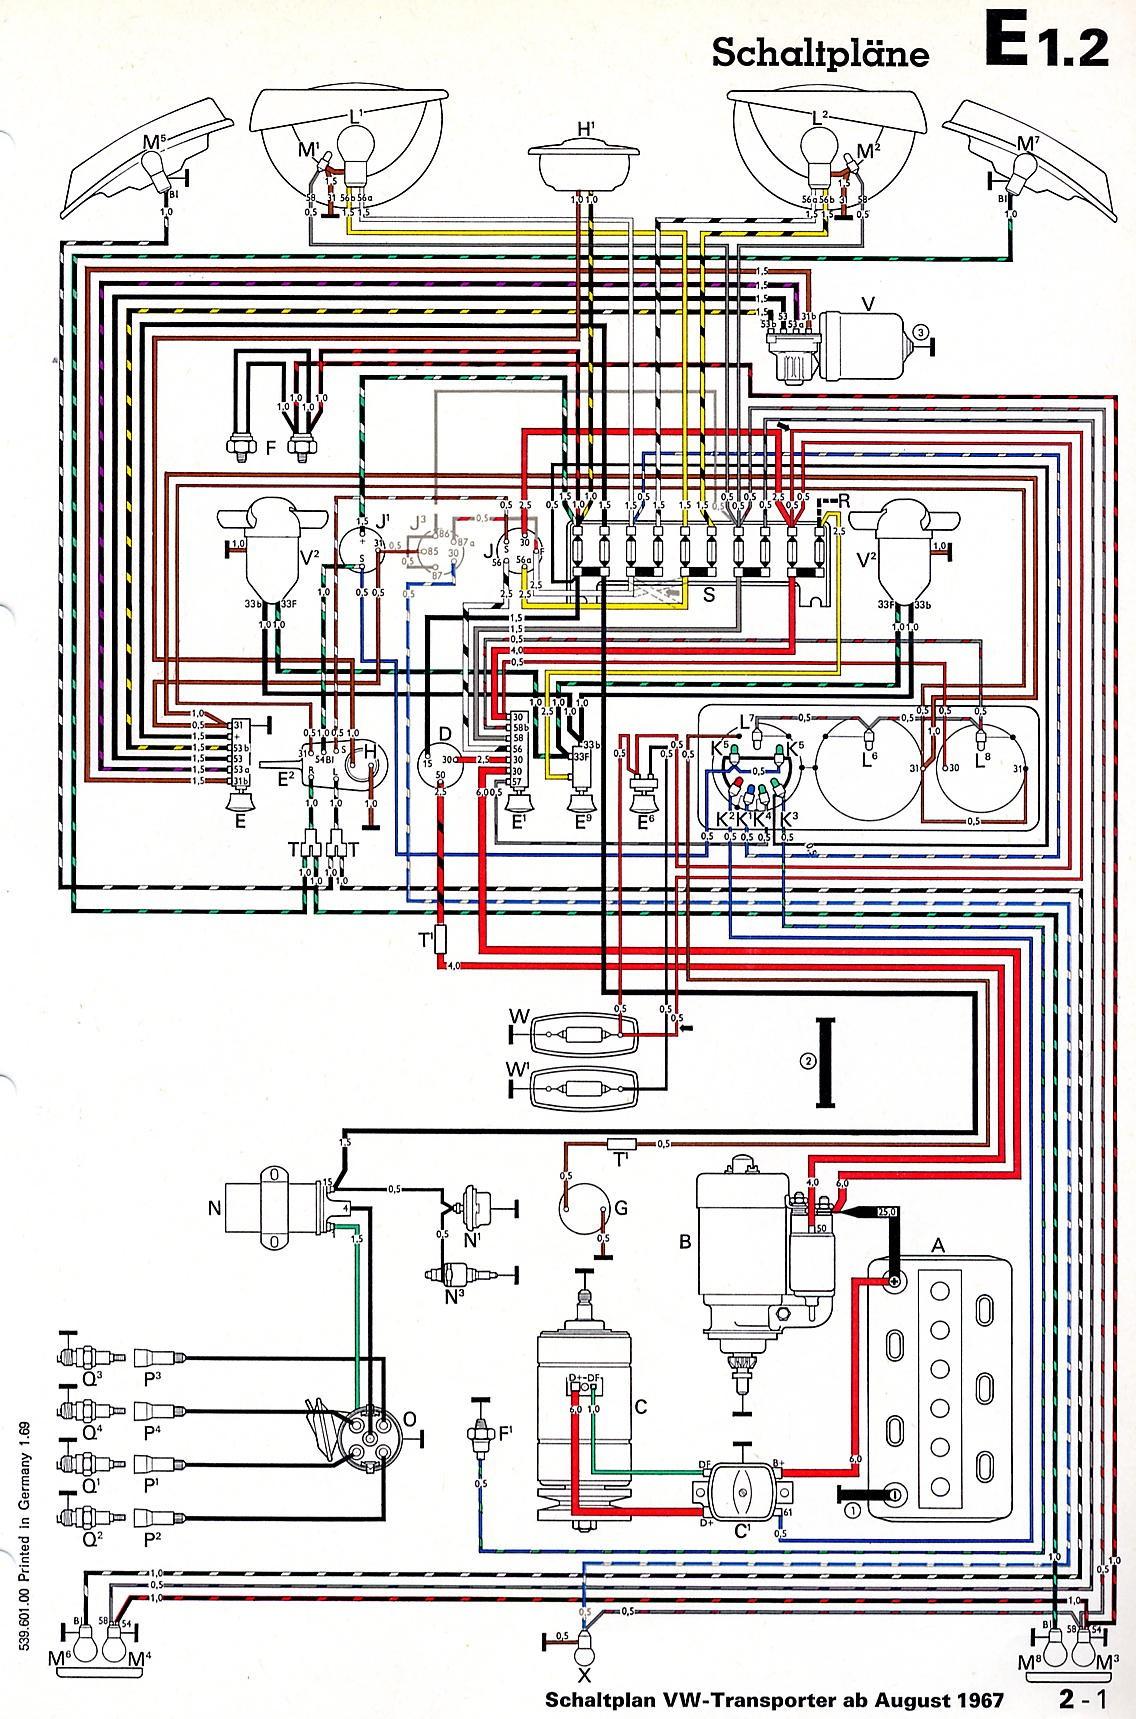 Vw Engine Parts Diagram Kawasaki Engine Parts Diagrams Fh680v ... on kawasaki fh680v parts electric clutch, kawasaki fh580v parts, kawasaki mule parts diagram, long tractor engine parts diagrams, kawasaki fc150v parts diagram, caterpillar engine parts diagrams, bush hog parts diagrams, kawasaki replacement engines, kawasaki oem parts diagram, kawasaki ga1000a generator parts, mahindra parts diagrams, small four-stroke engine diagrams, mtd parts diagrams, kawasaki fb460v parts list, kawasaki 250 parts diagram, kawasaki prairie 300 carb diagram, kawasaki ga 2300a generator parts, kawasaki fc420v parts diagram, kawasaki fh601v parts, exmark parts diagrams,